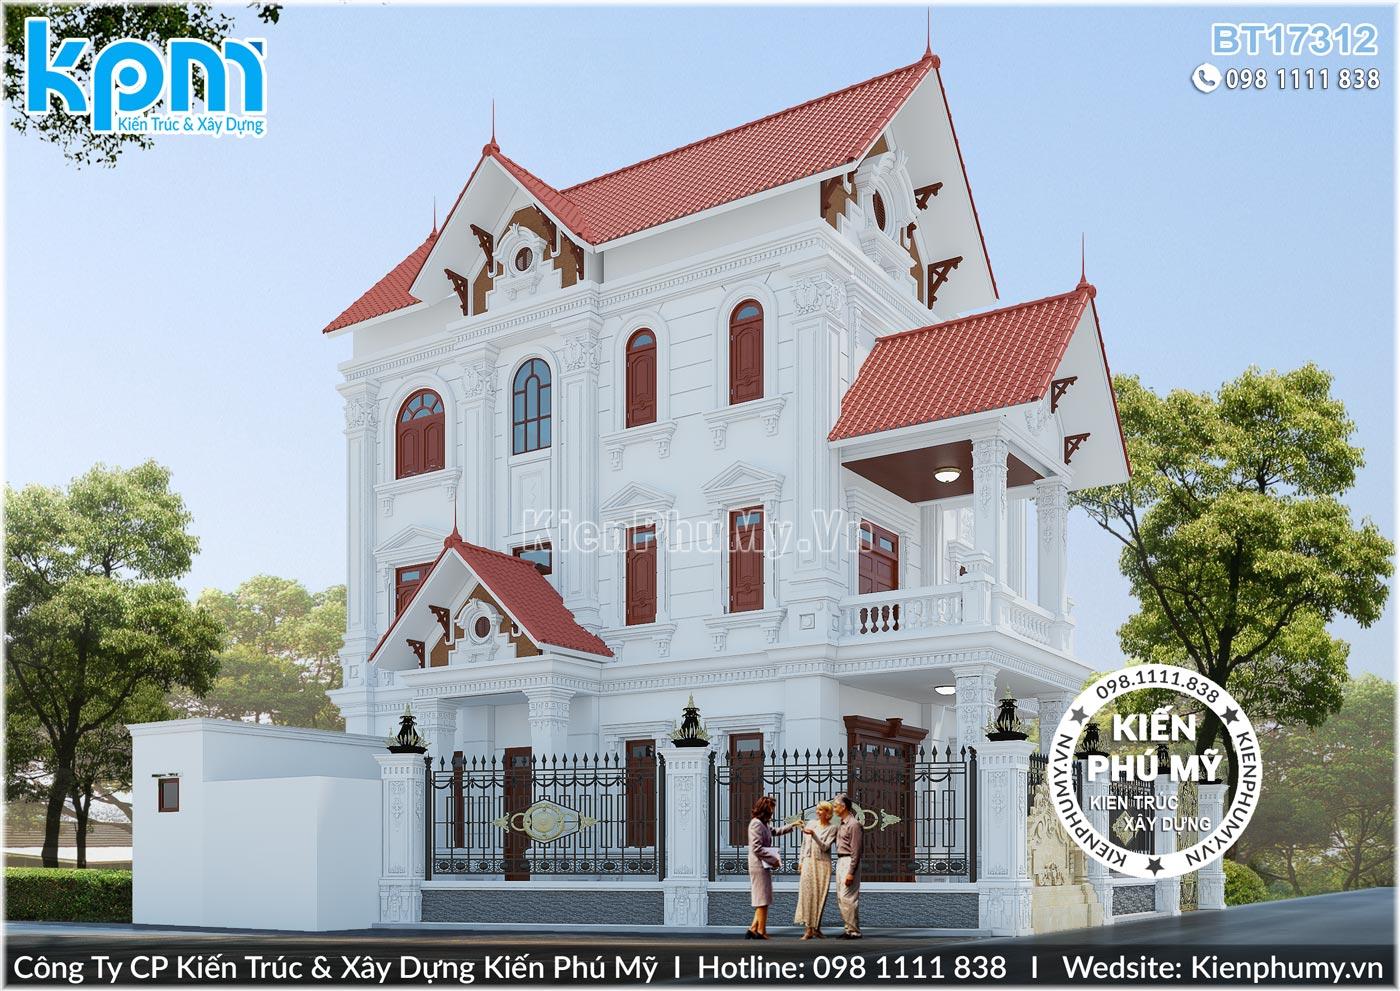 thiết kế thi công biệt thự cổ điển chuyên nghiệp tại Hưng Yên 11